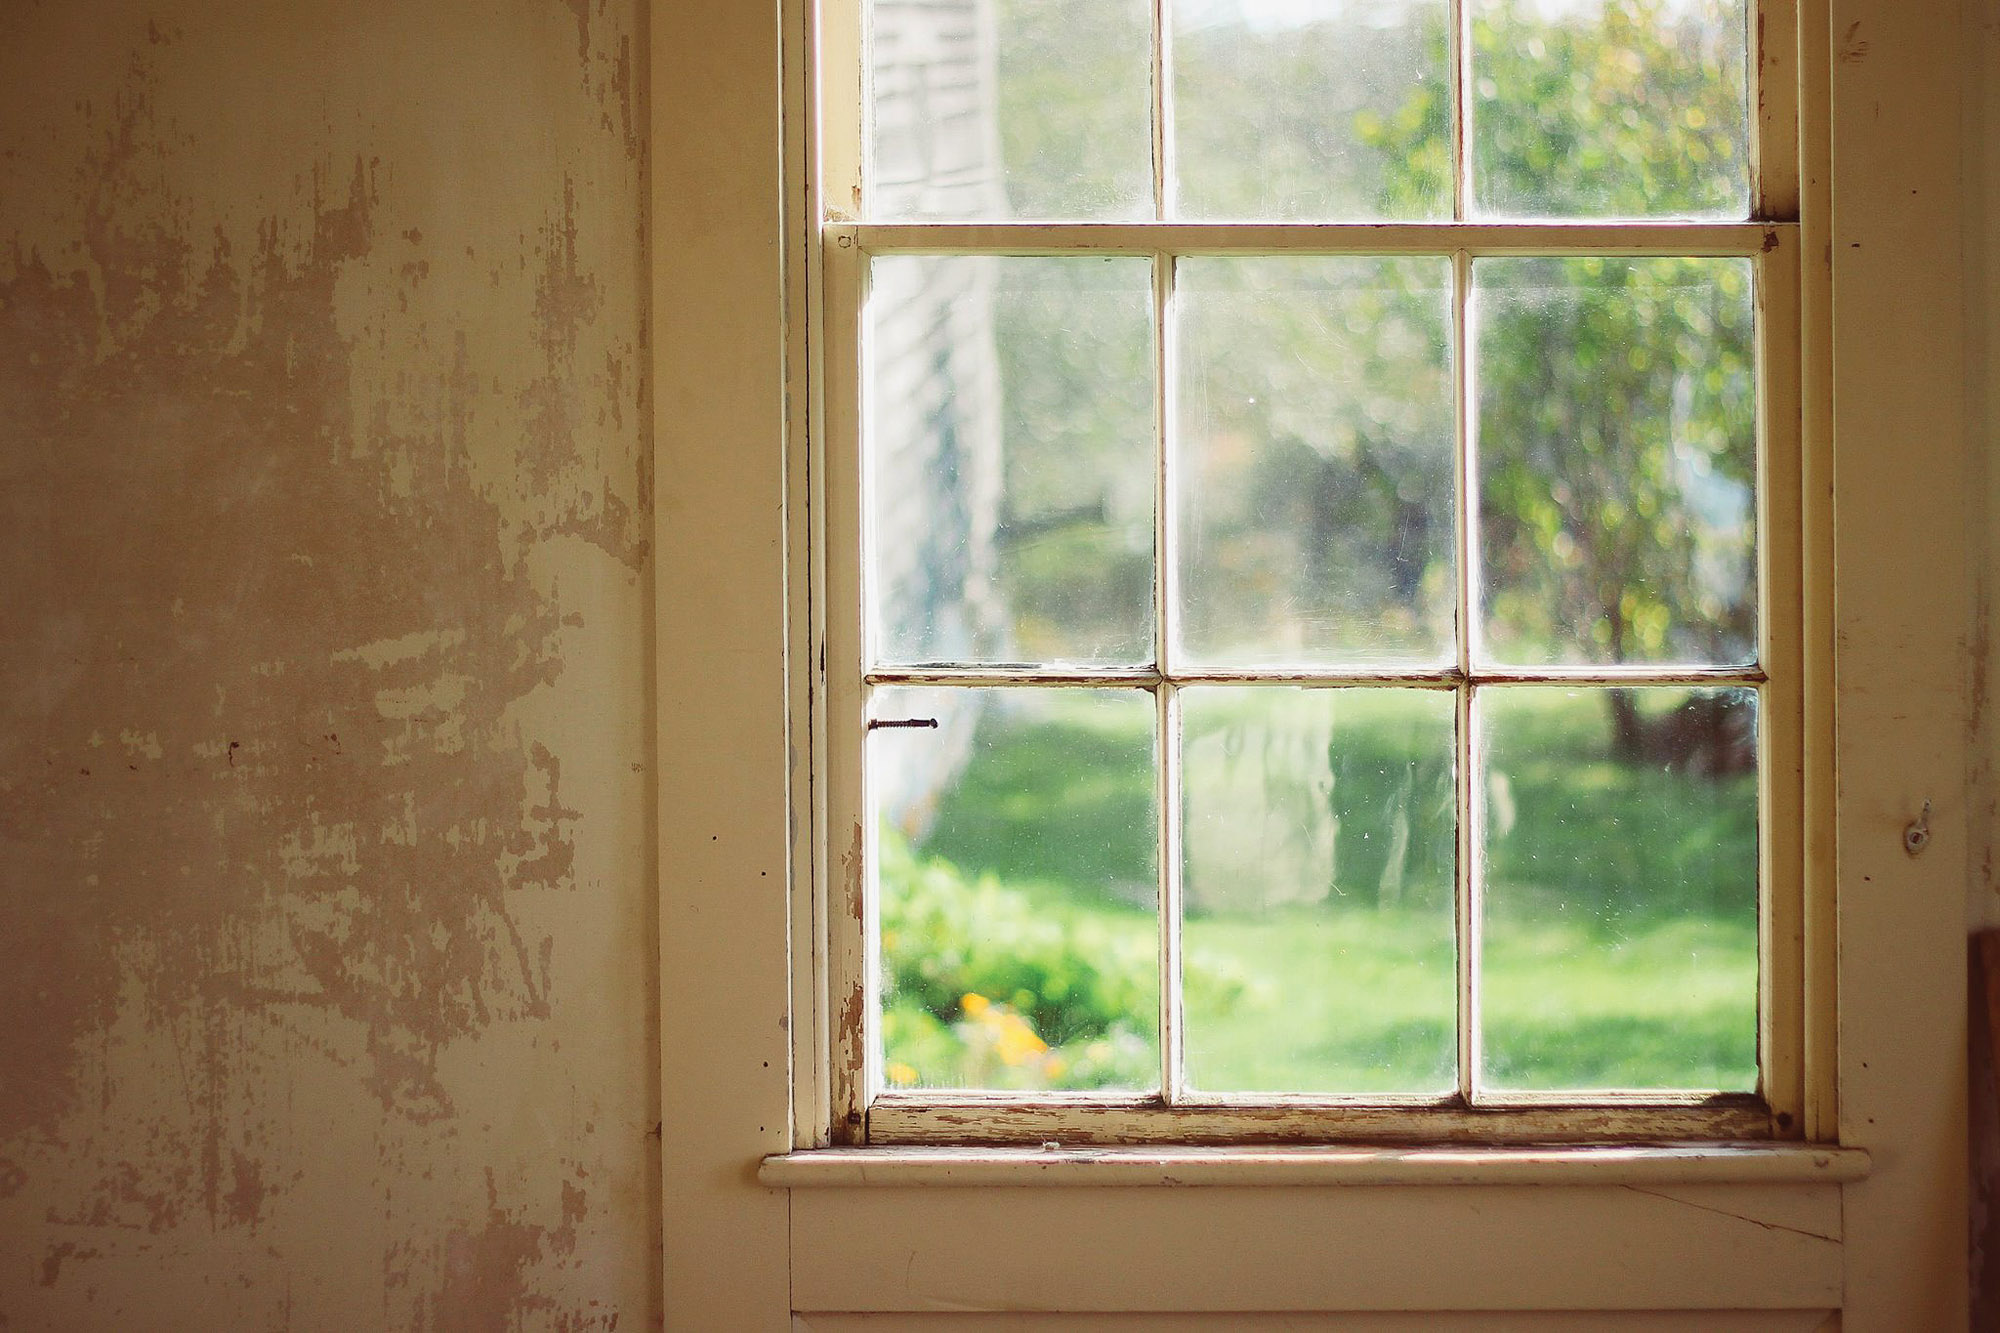 repaired window sash